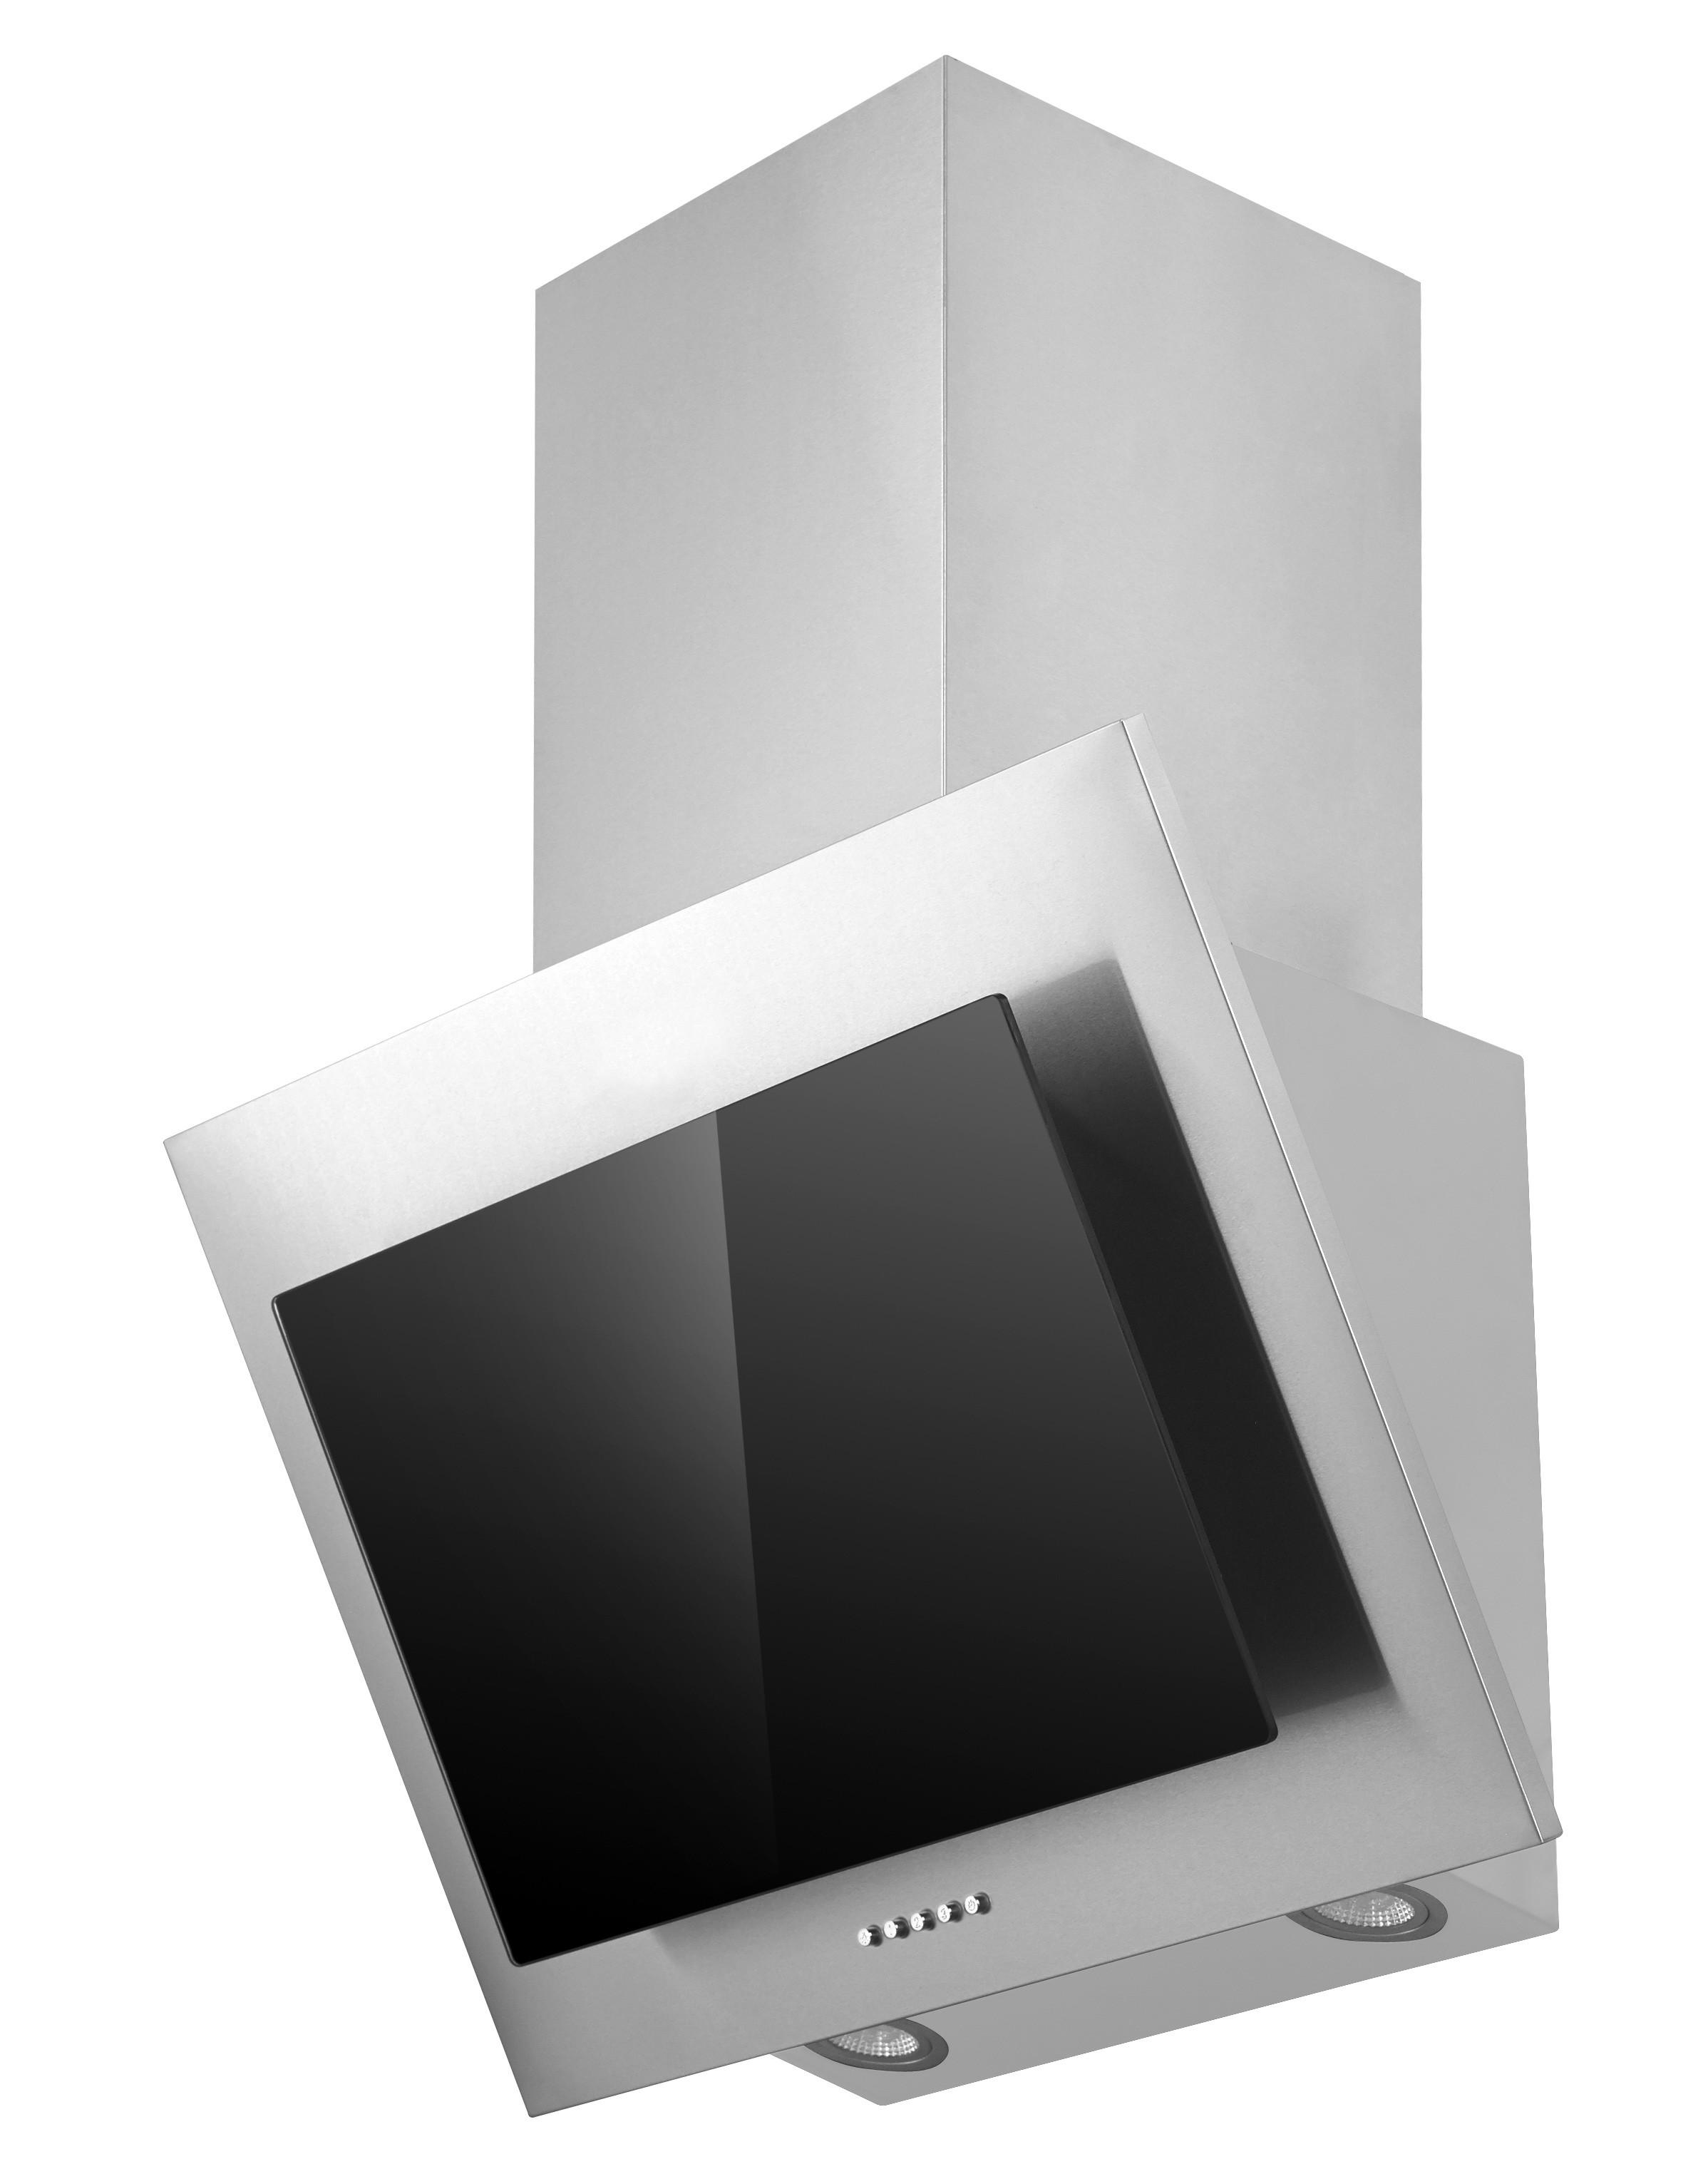 Dunstabzugshaube / Schräghaube Respekta CH 2060 SB 60cm Glas schwarz Bild 1